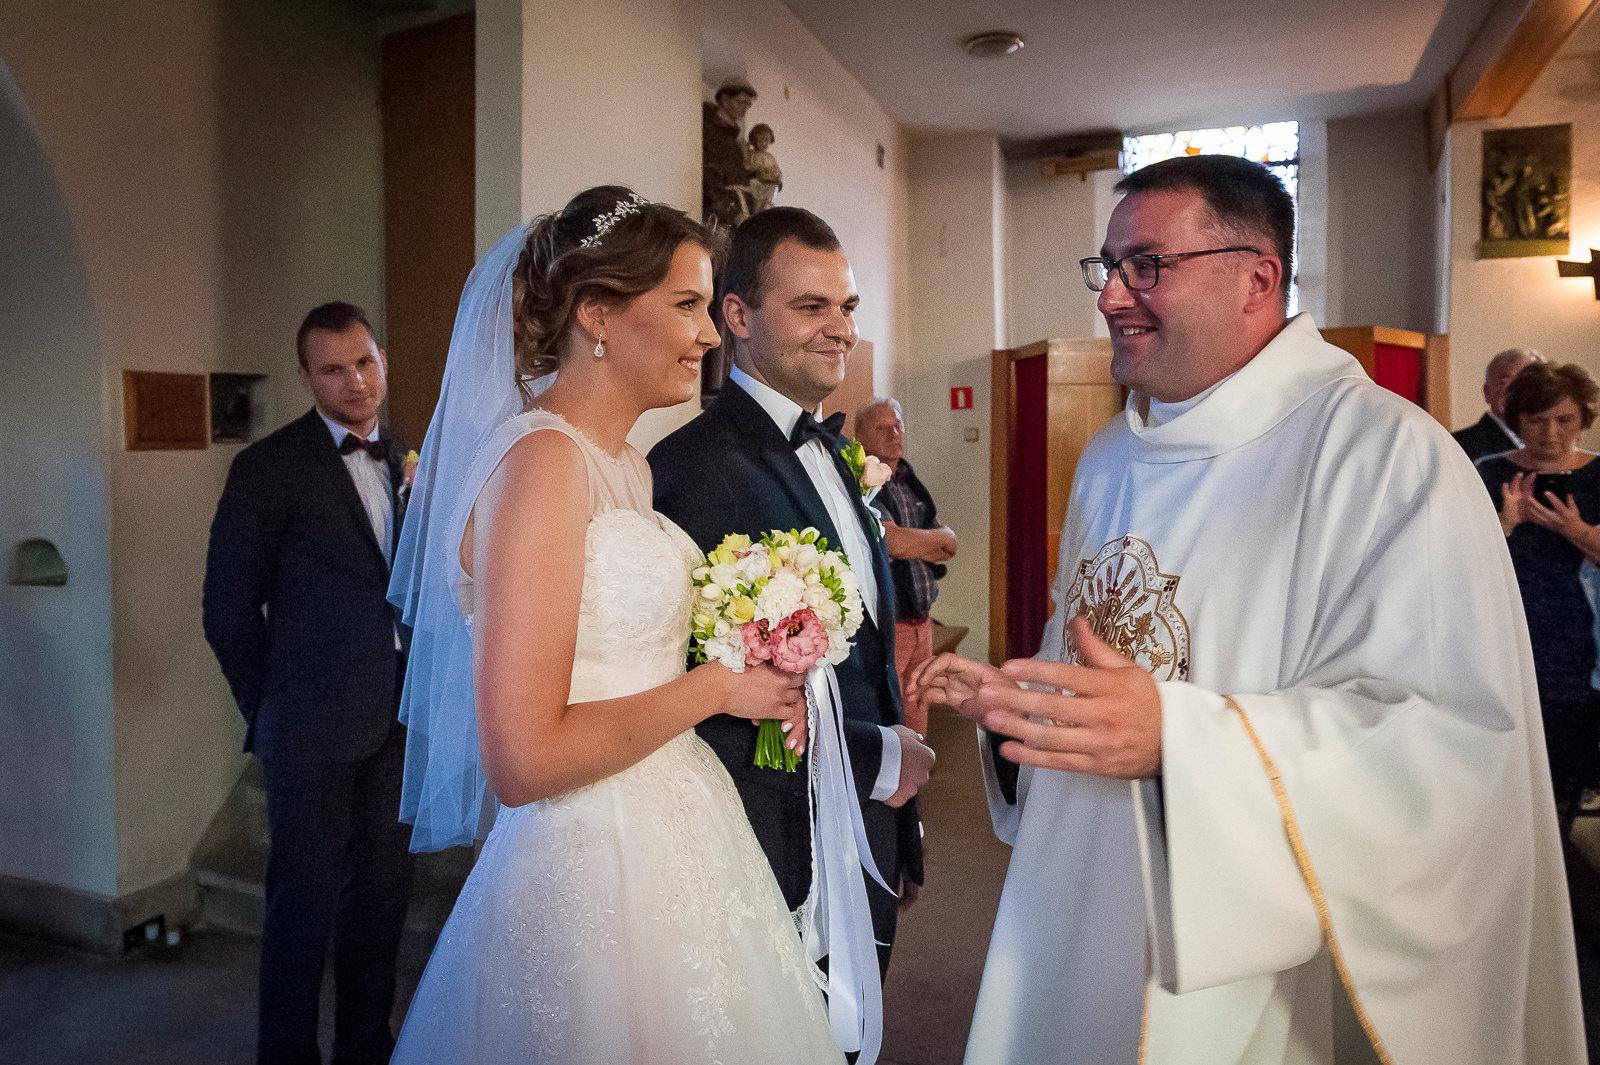 Wpólna droga pary młodej do ołtarza najczęściej zaczyna się od powitania przez księdza - to wzruszający i sympatyczny moment, który warto ująć w reportażu ślubnym.